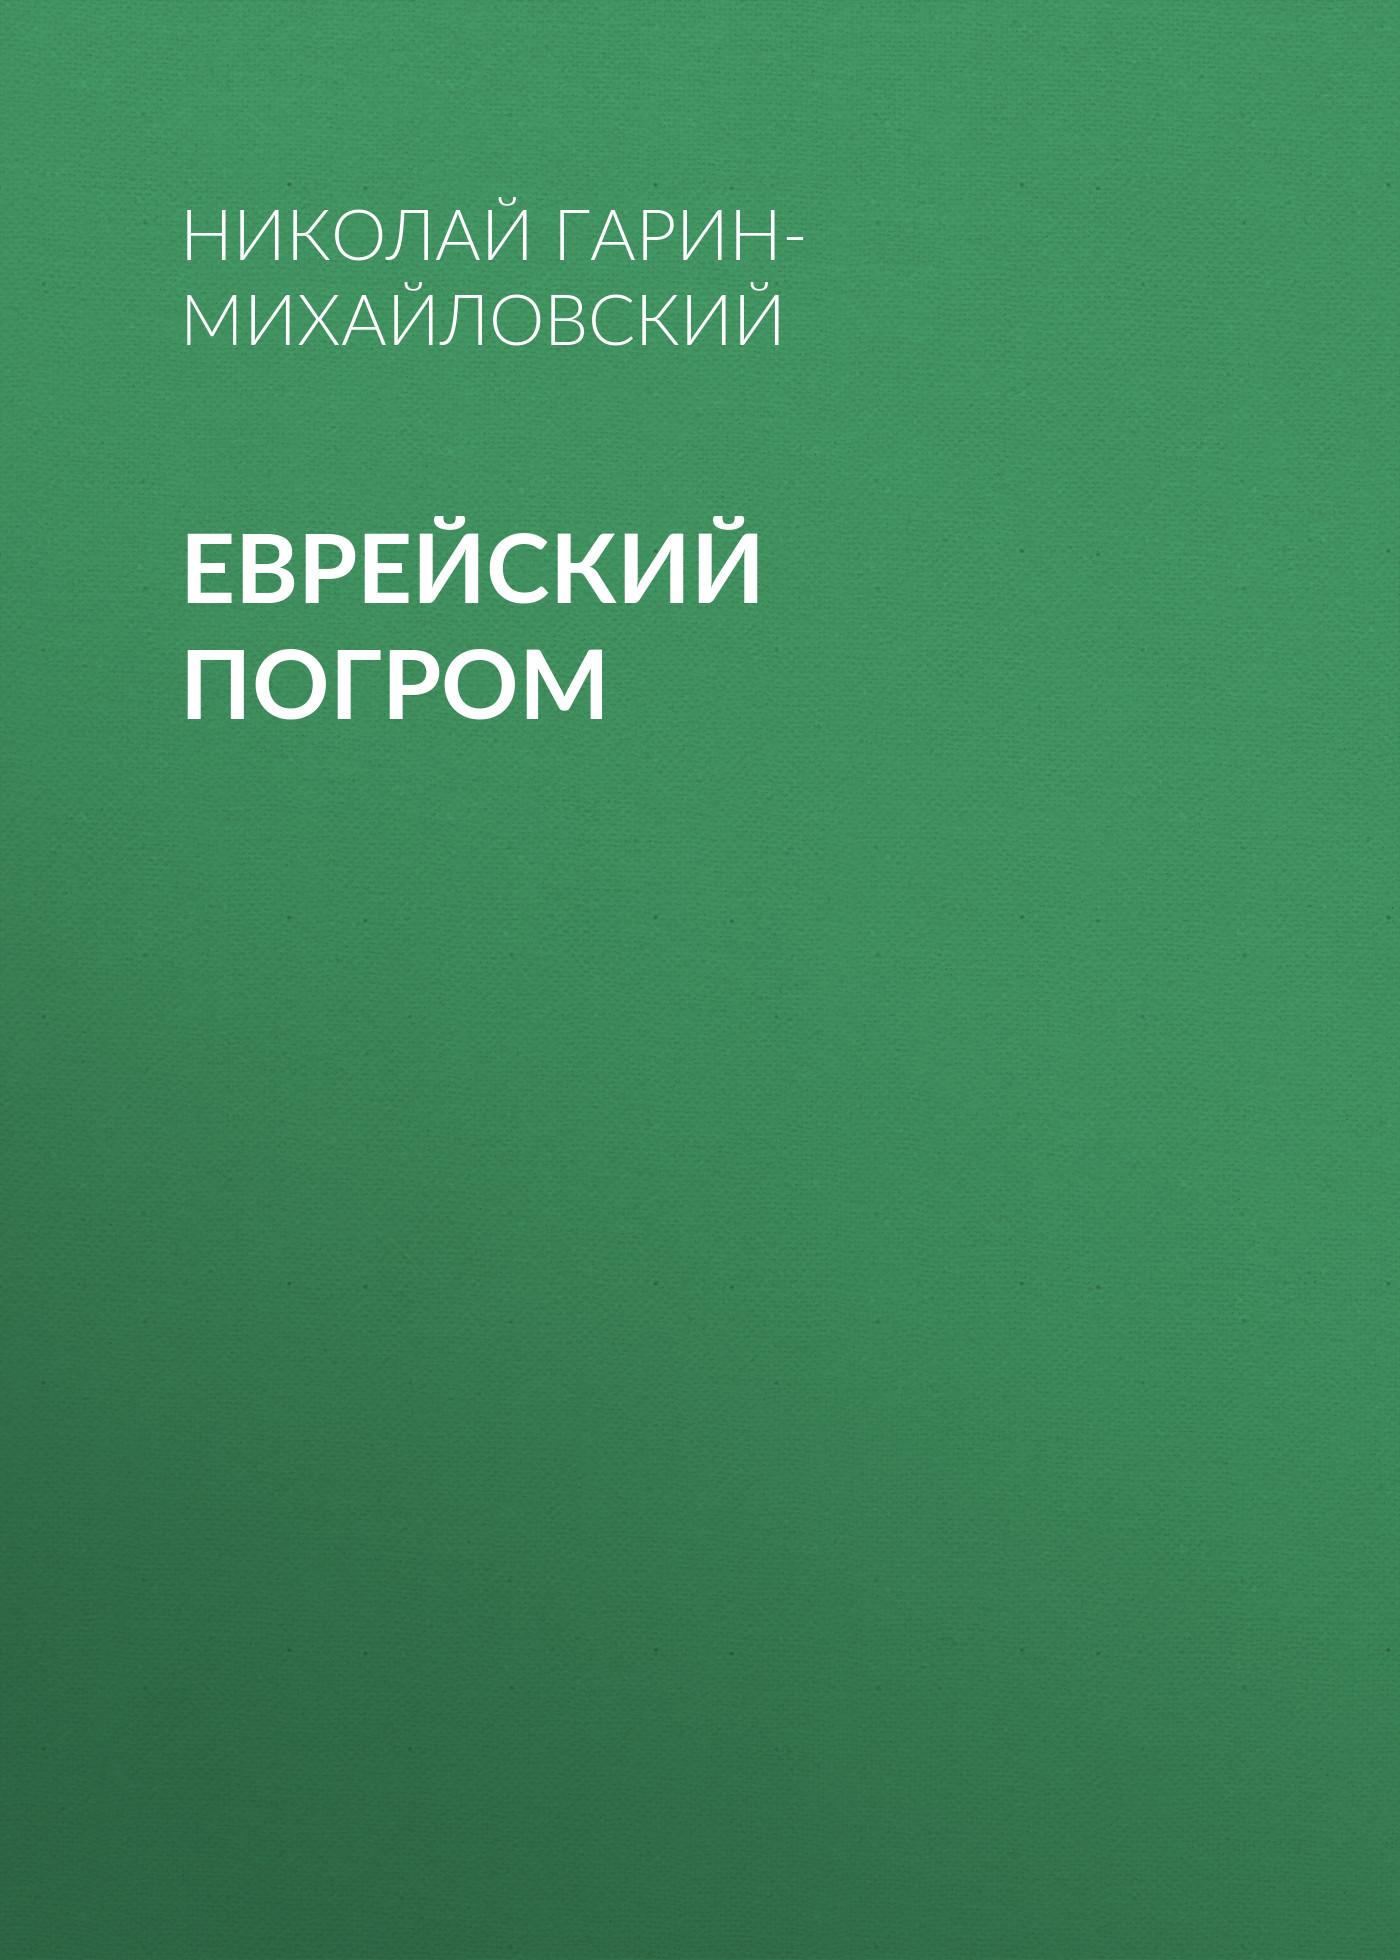 Николай Гарин-Михайловский Еврейский погром